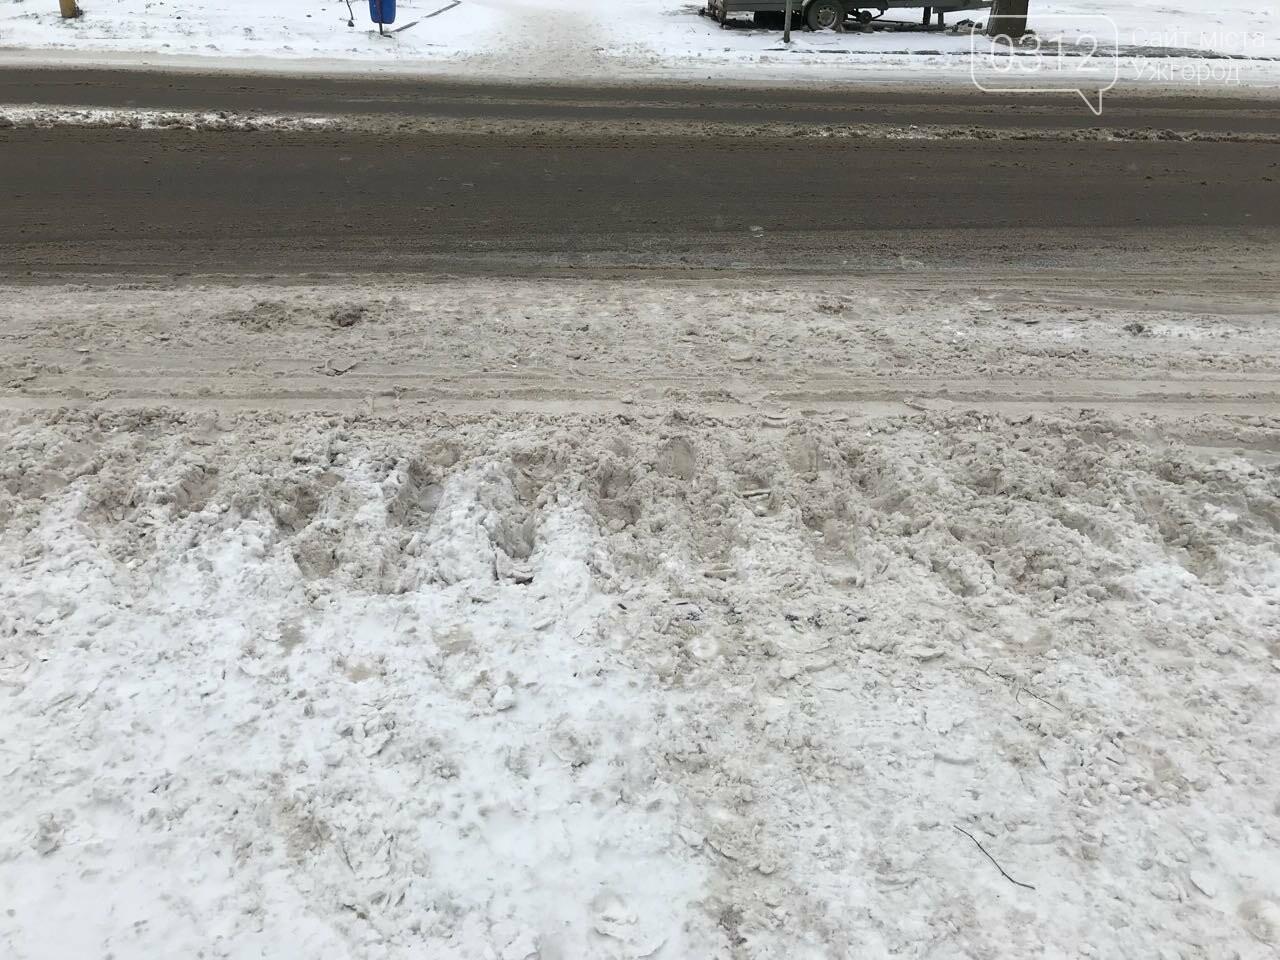 Ужгородські вулиці ще нерозчищені повністю, хоча спецтехніка активно працює (ФОТО), фото-10